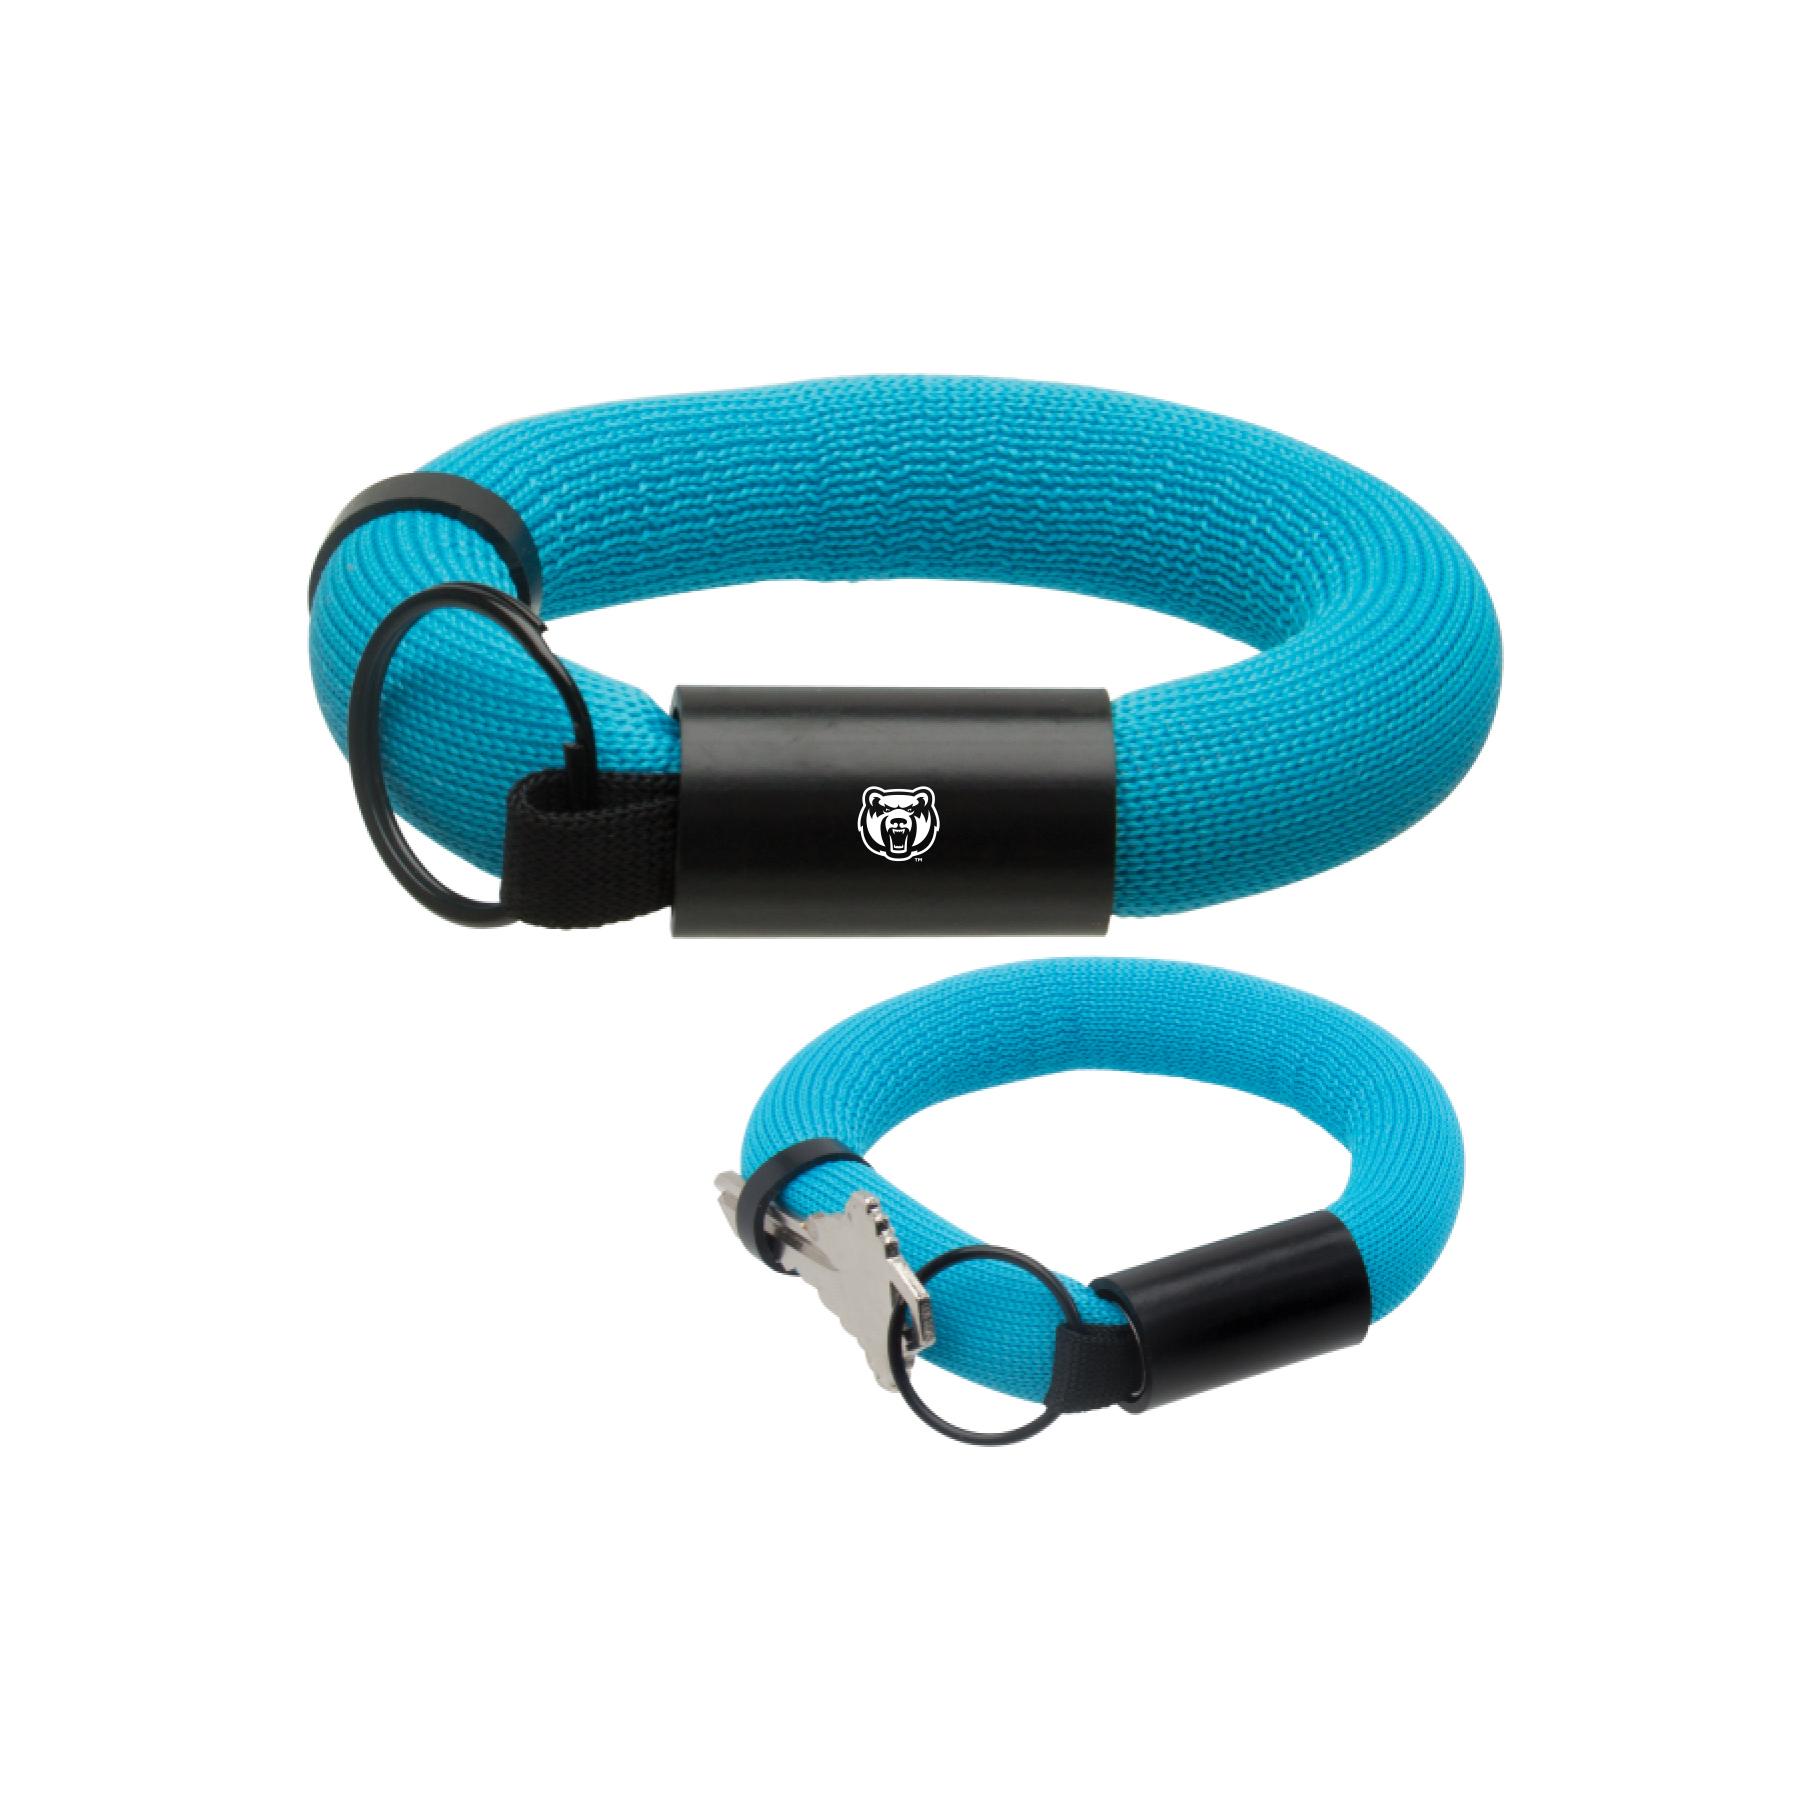 UCA Wristband Key Holder